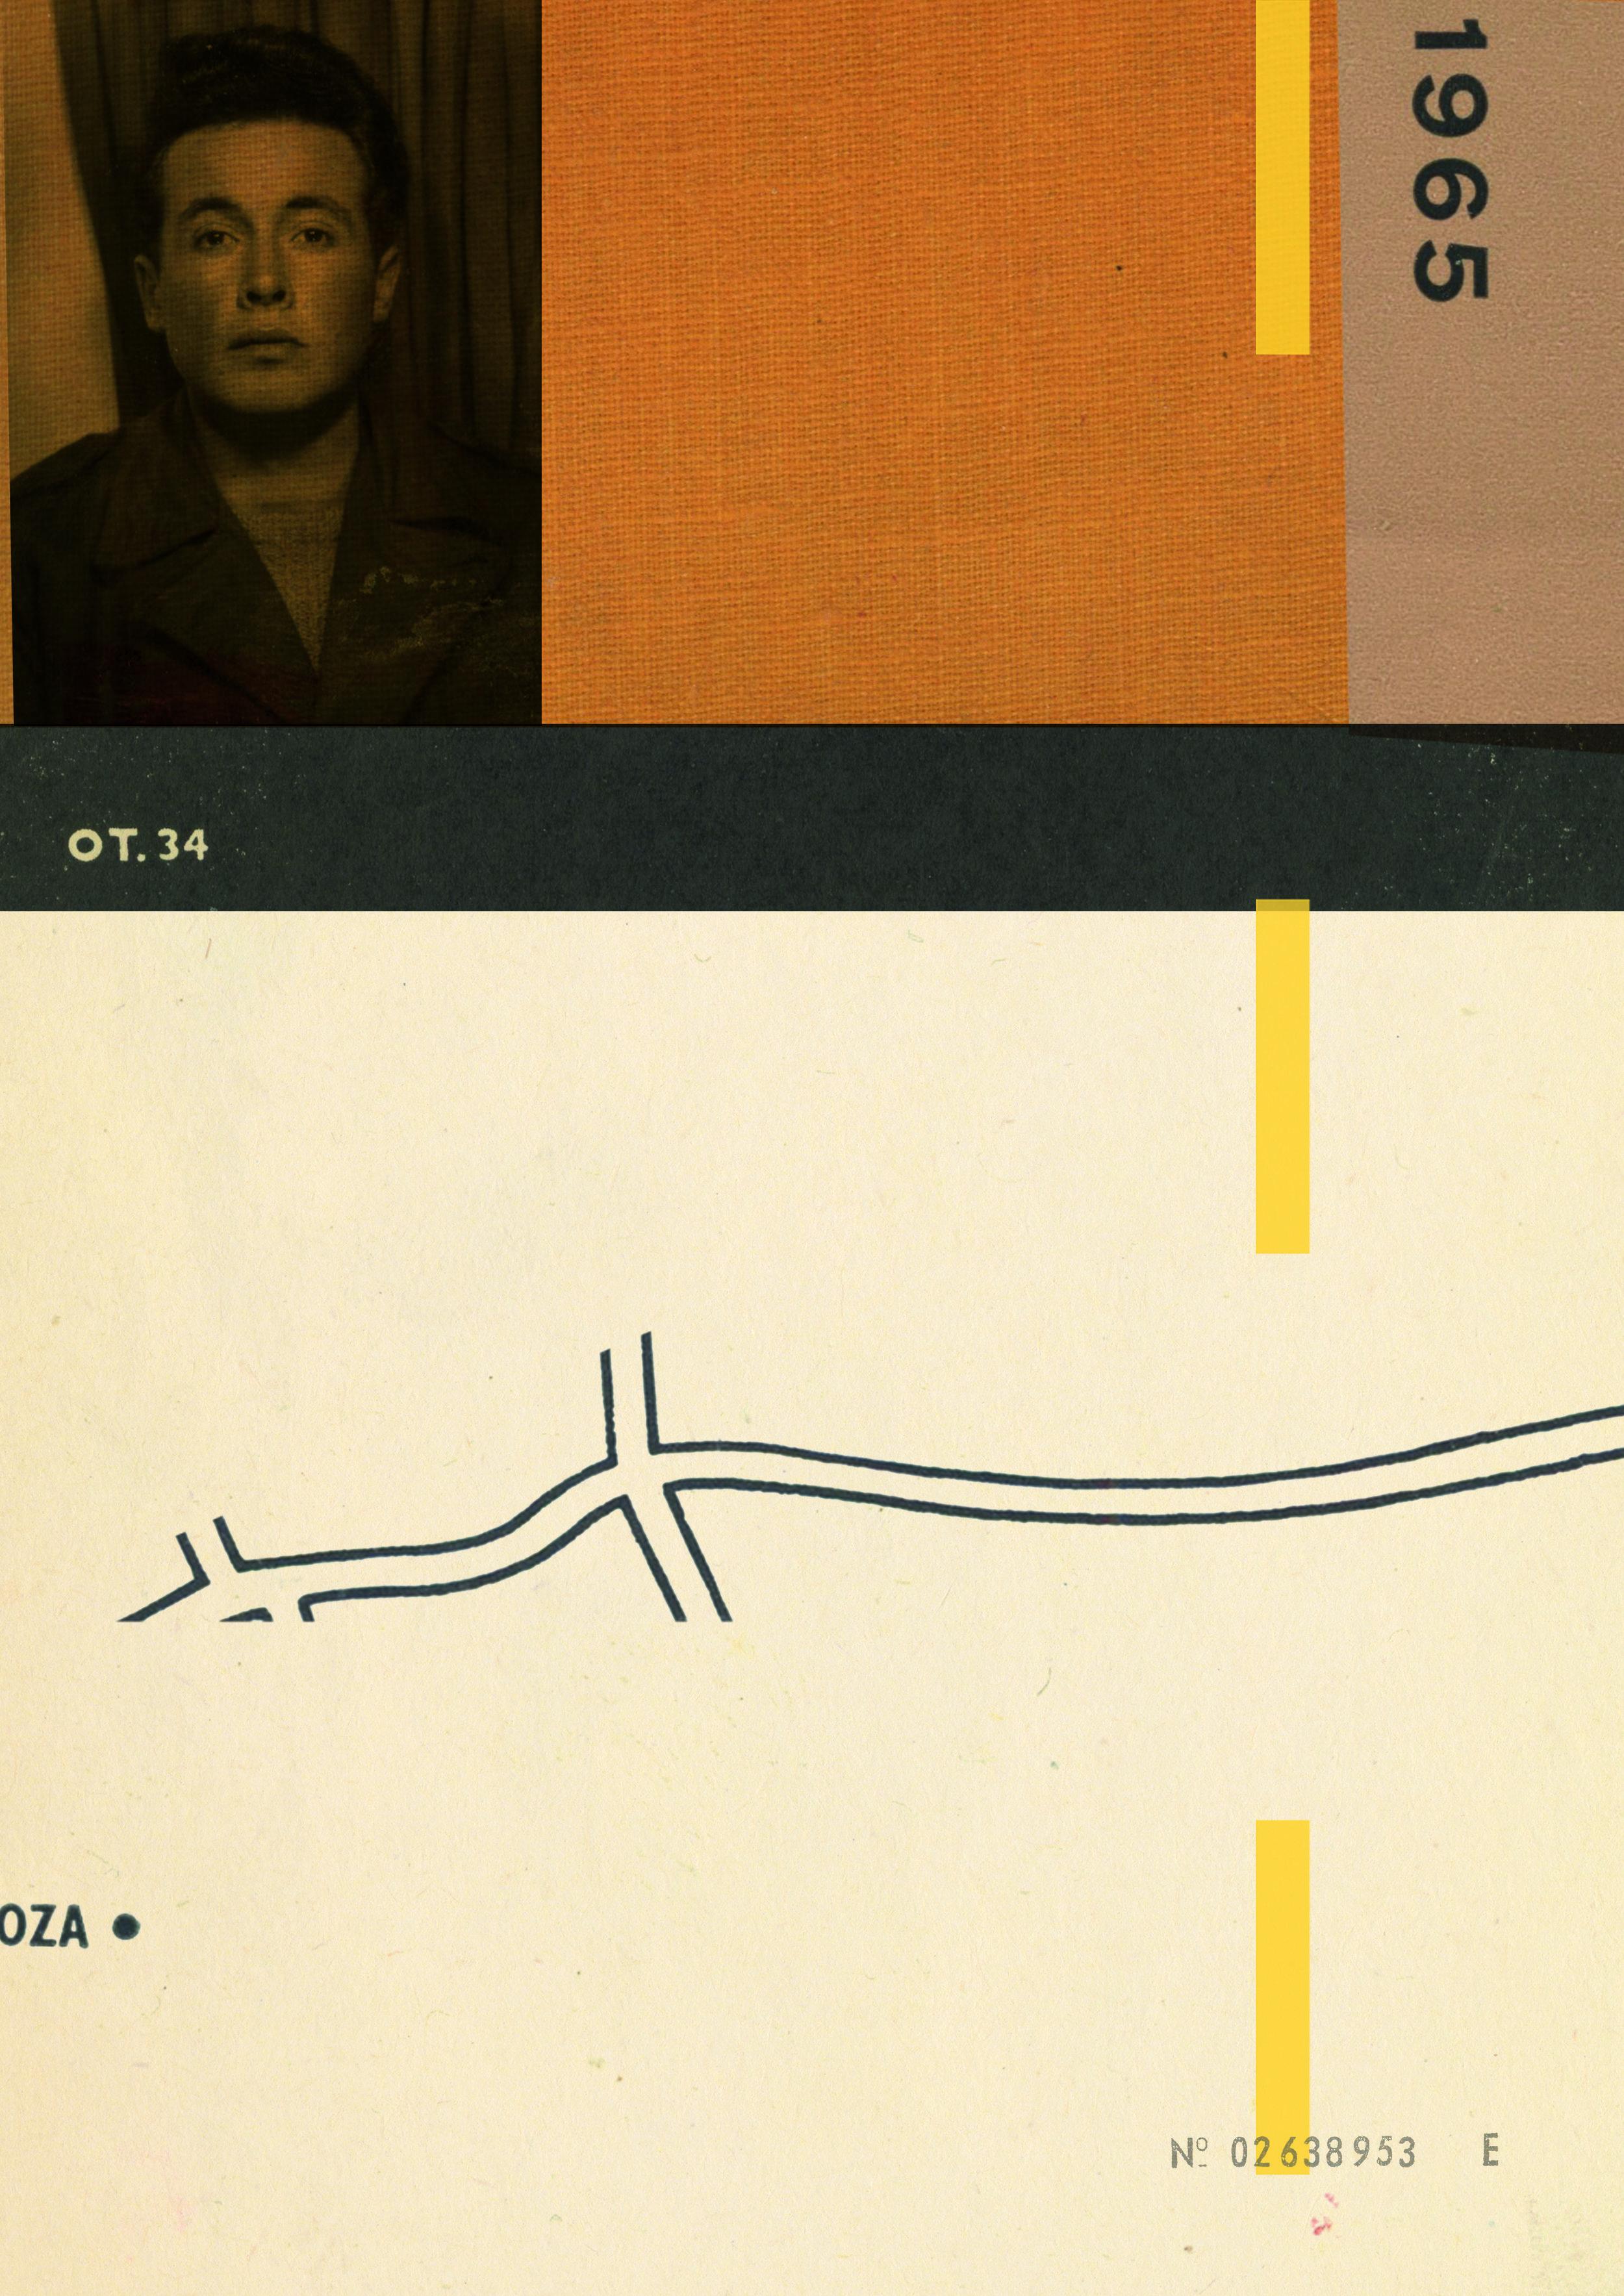 469 DOF - 1965/OZA